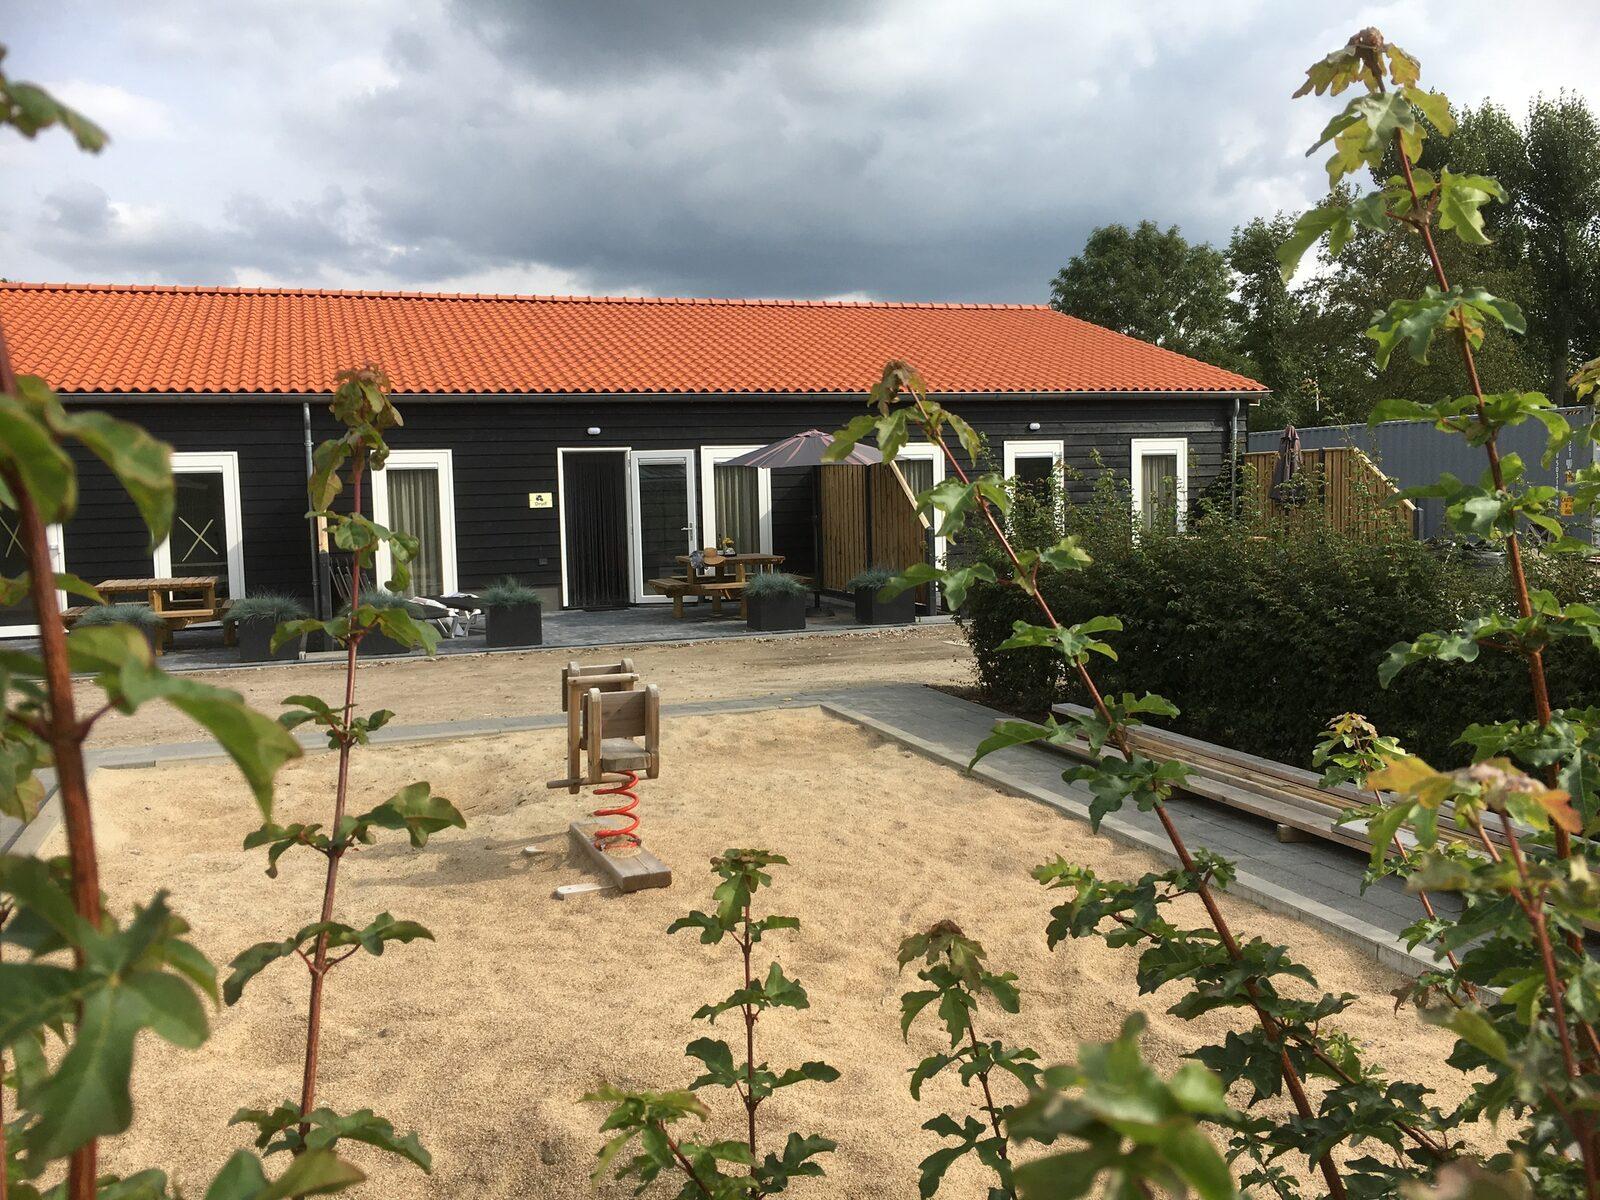 Vakantiehuis Appel